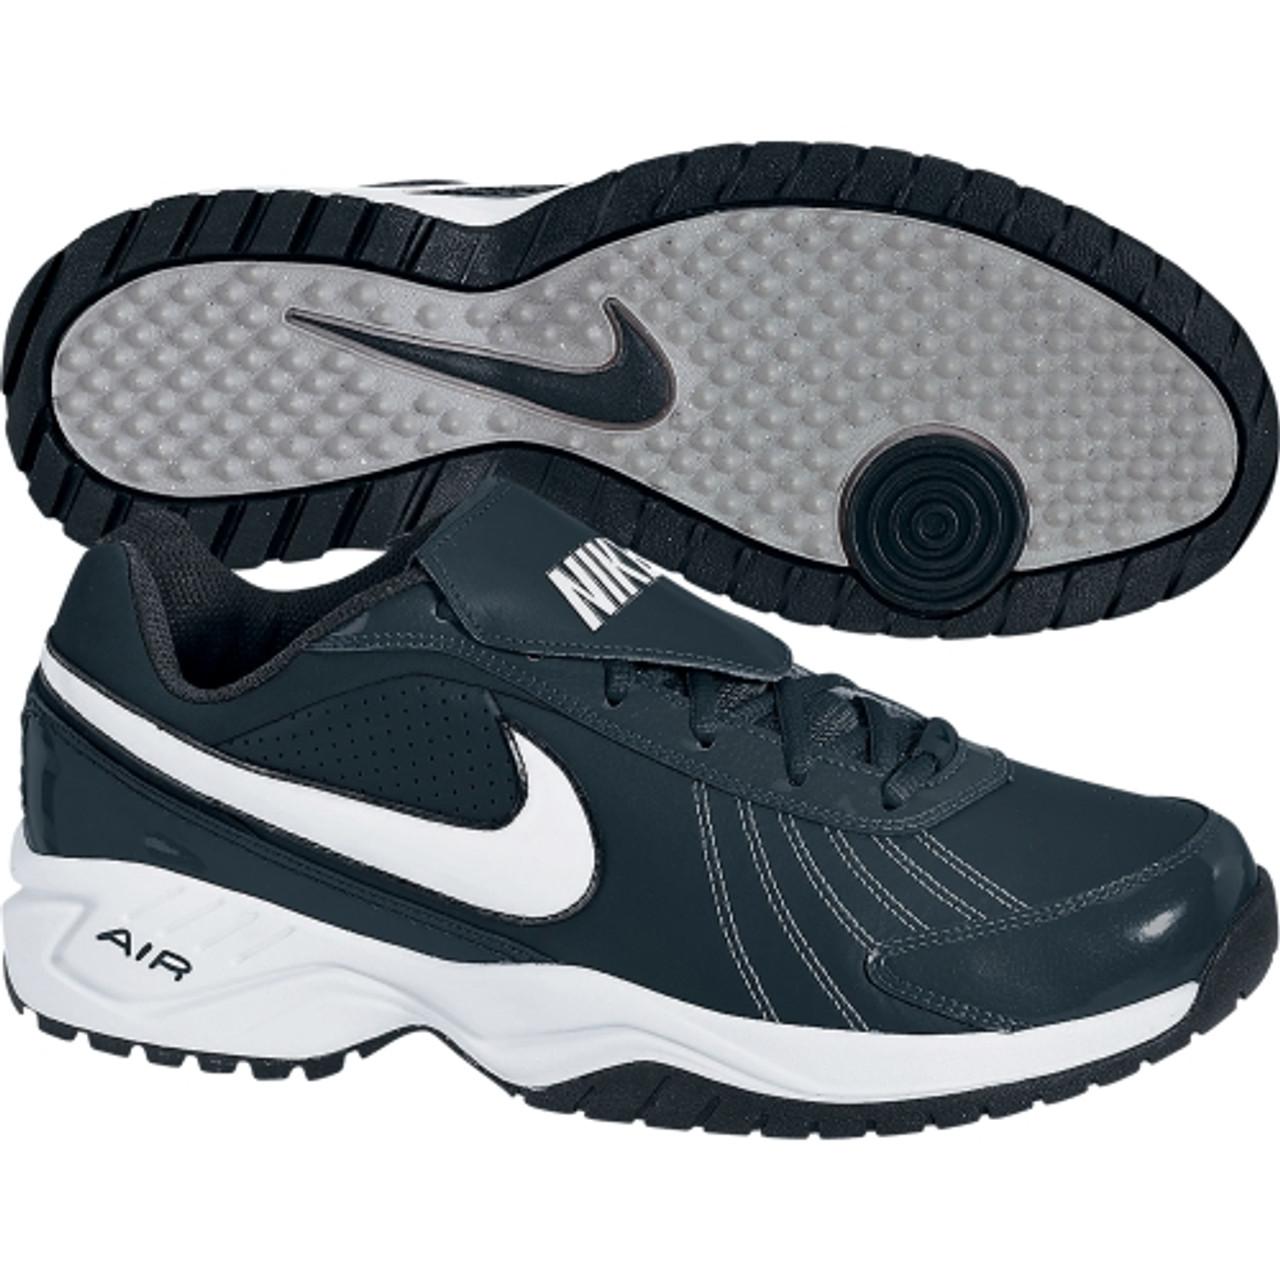 Nike Air Turf Trainer Referee Equipmente Football Referee Shoes